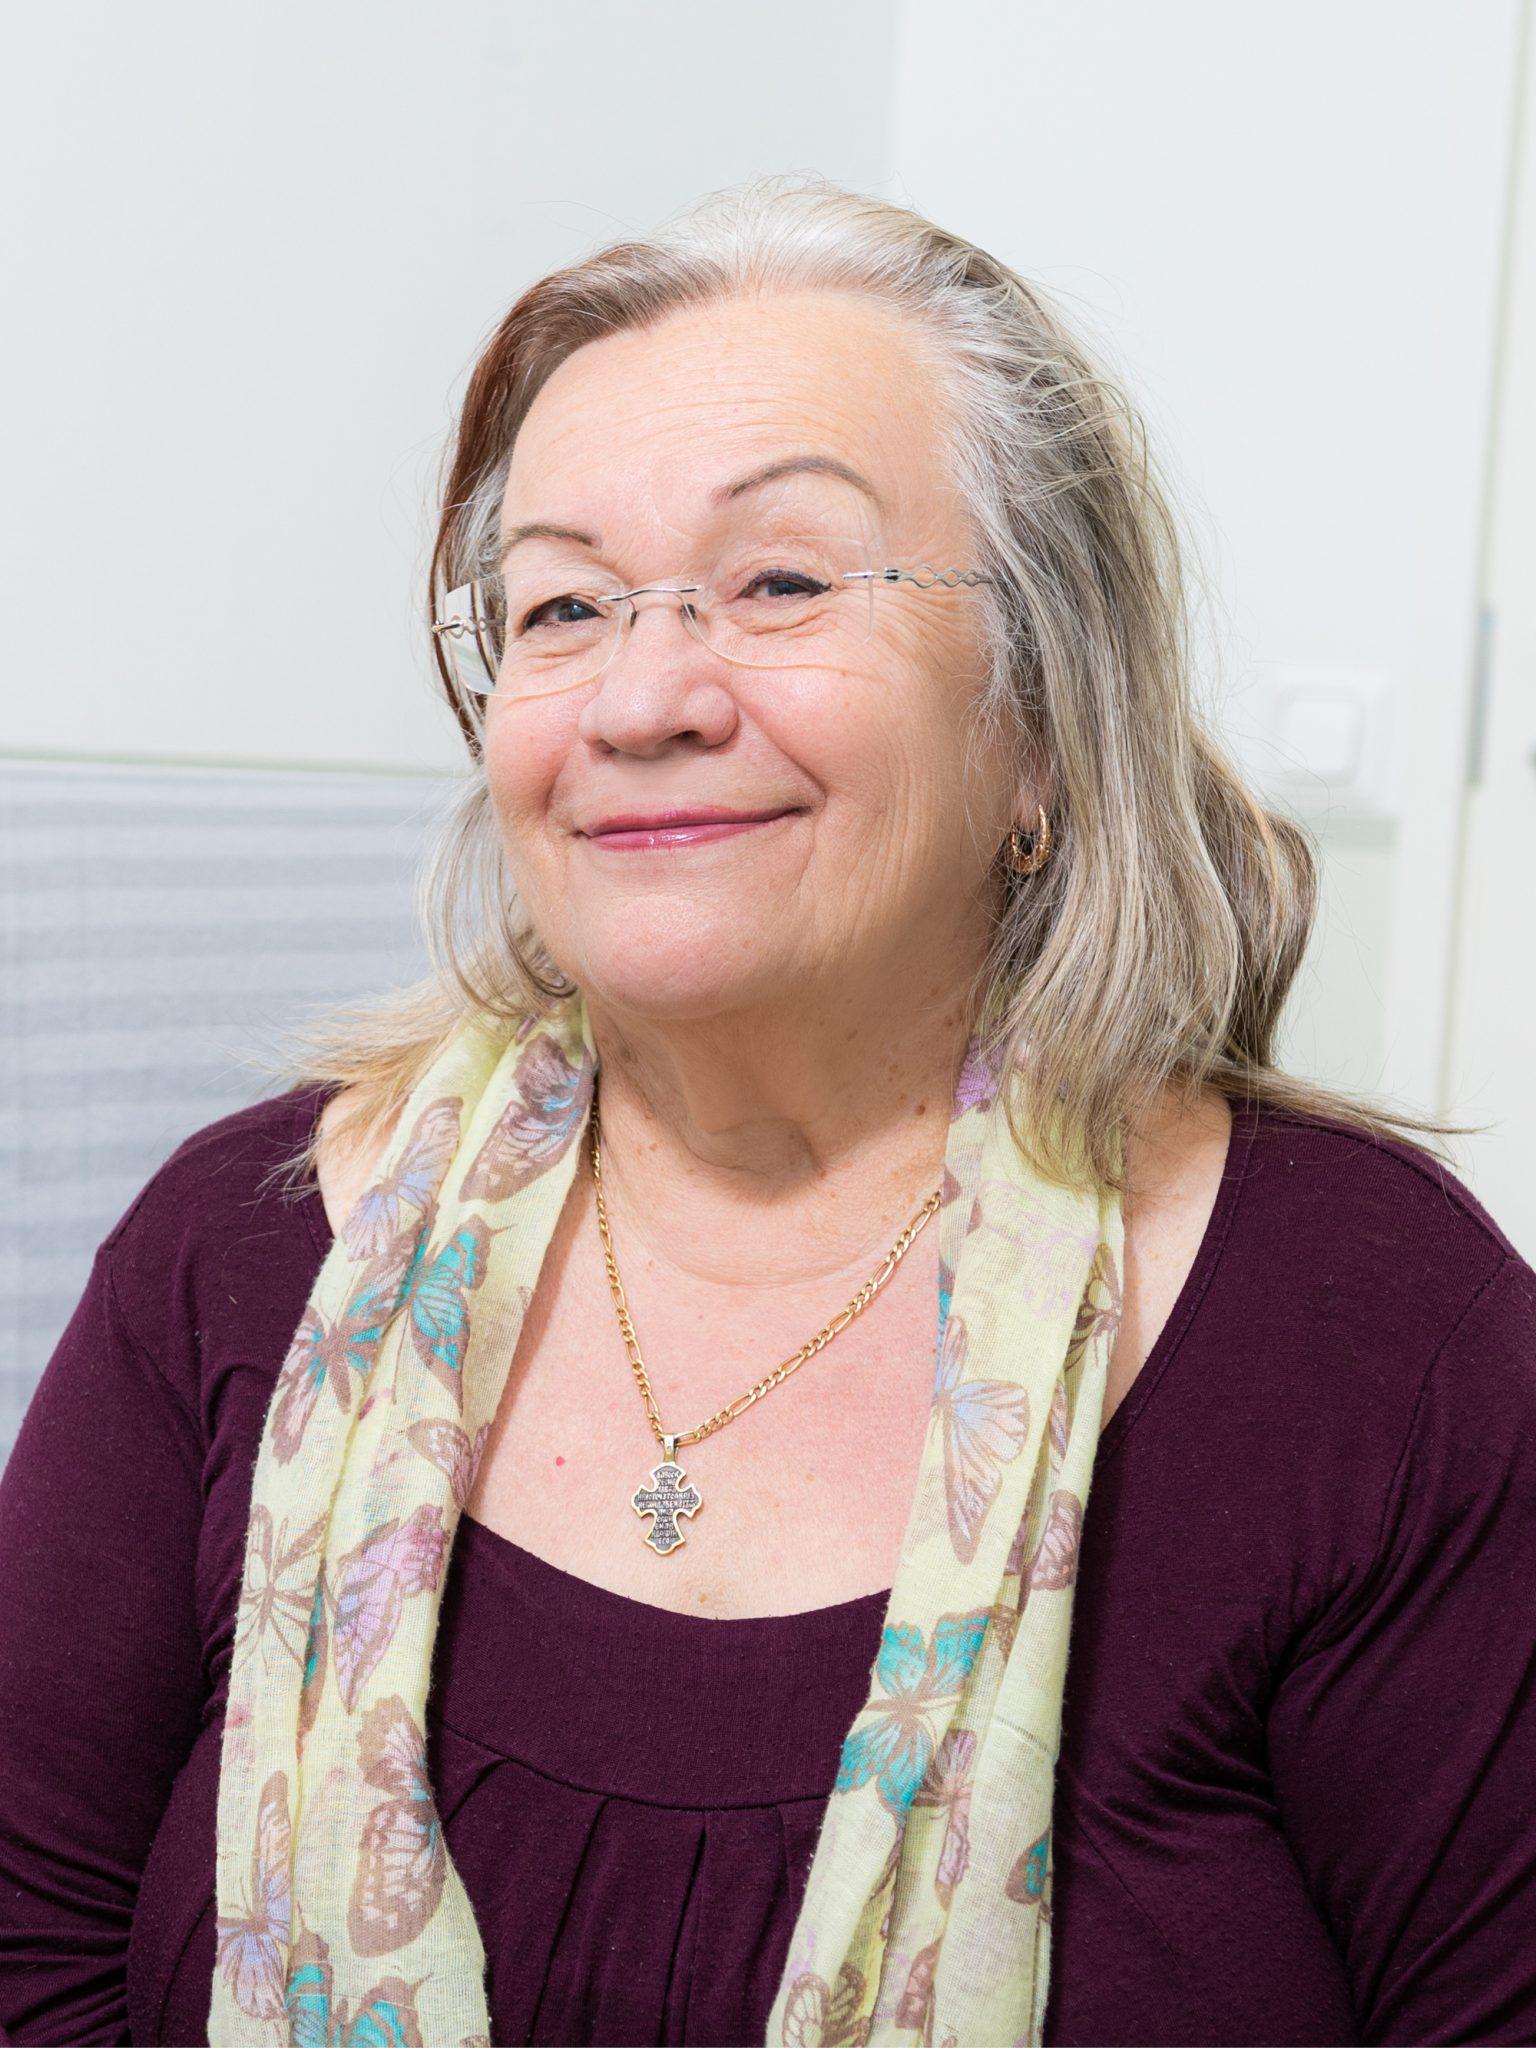 Liisa Groth